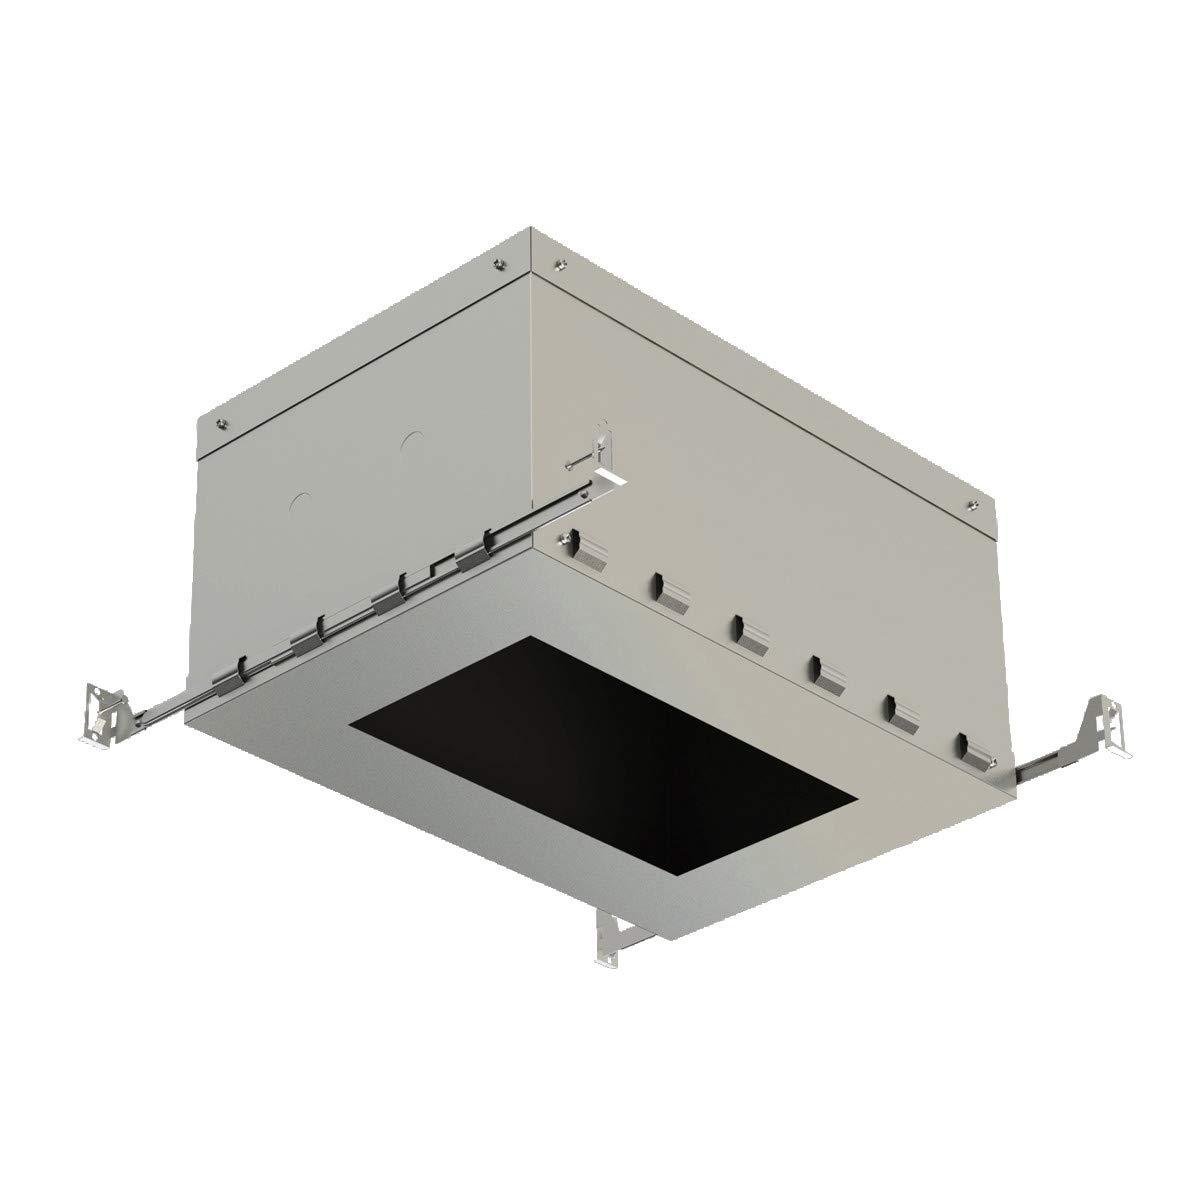 Eurofase 24072 TE112/TE112LED/TE162 Insulated Ceiling Box